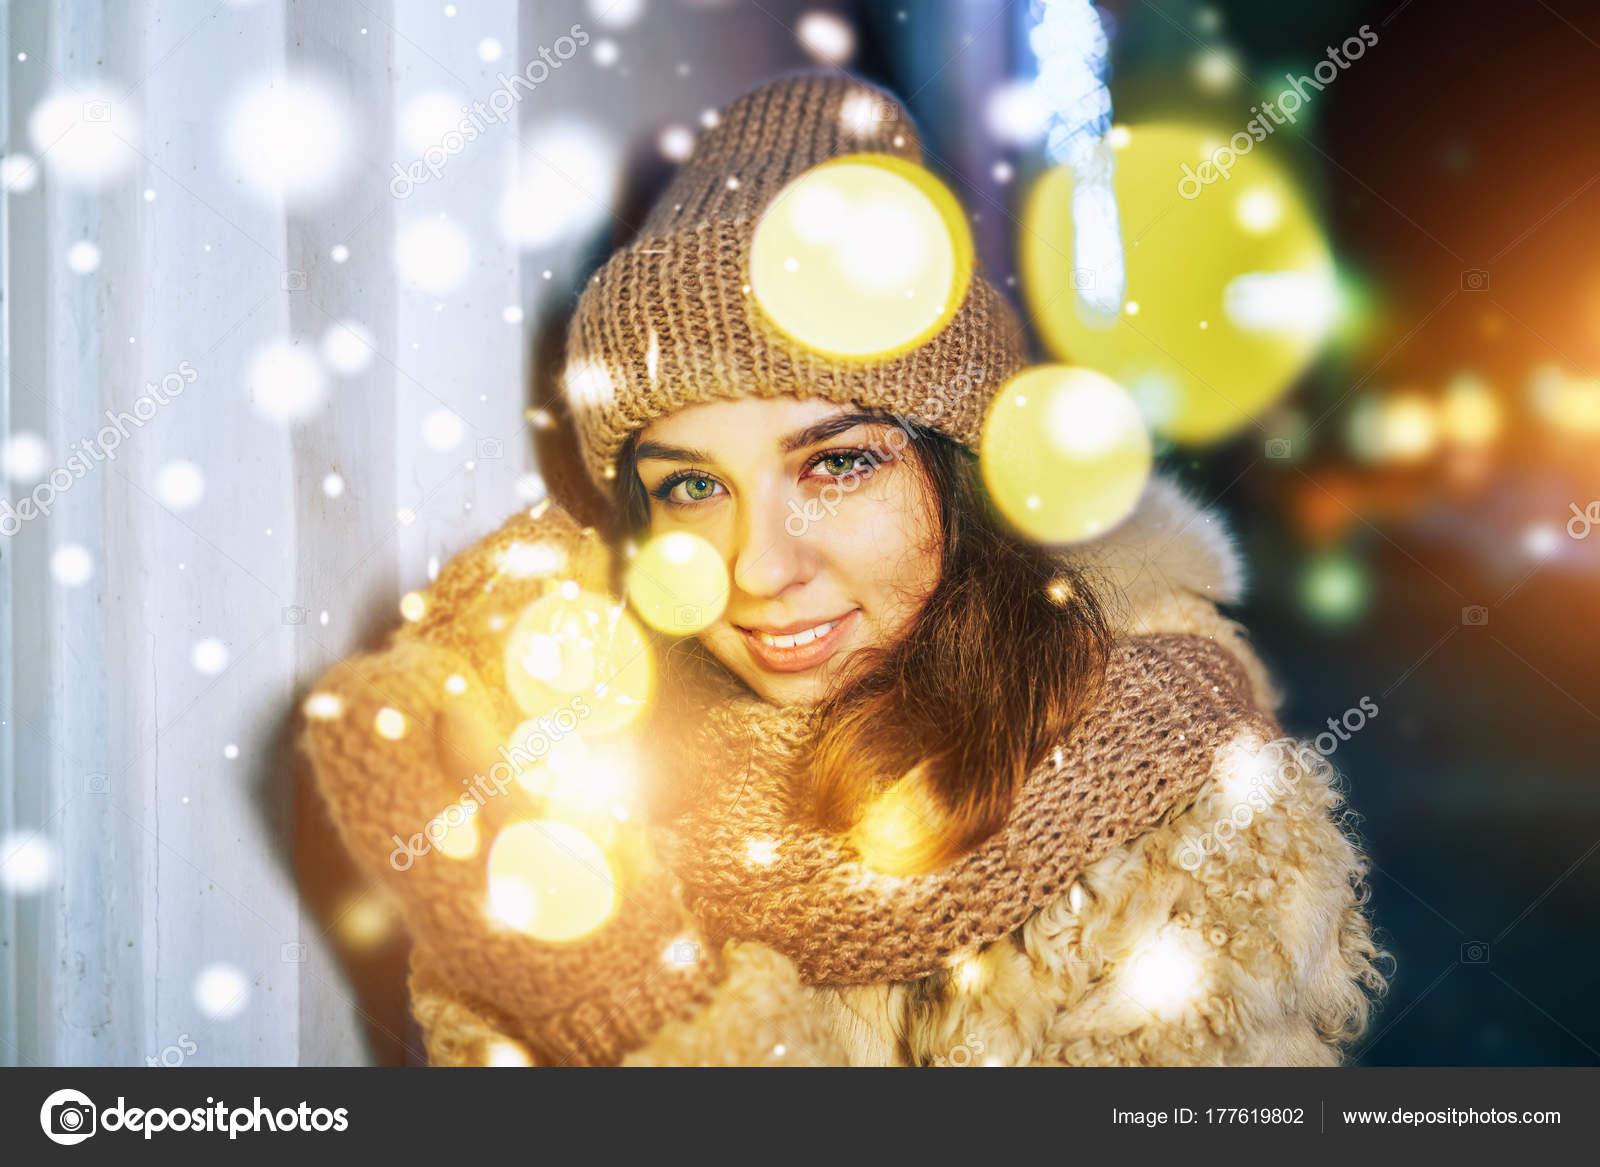 Outdoor Portret Van Lachende Meisje Gebreide Muts Met